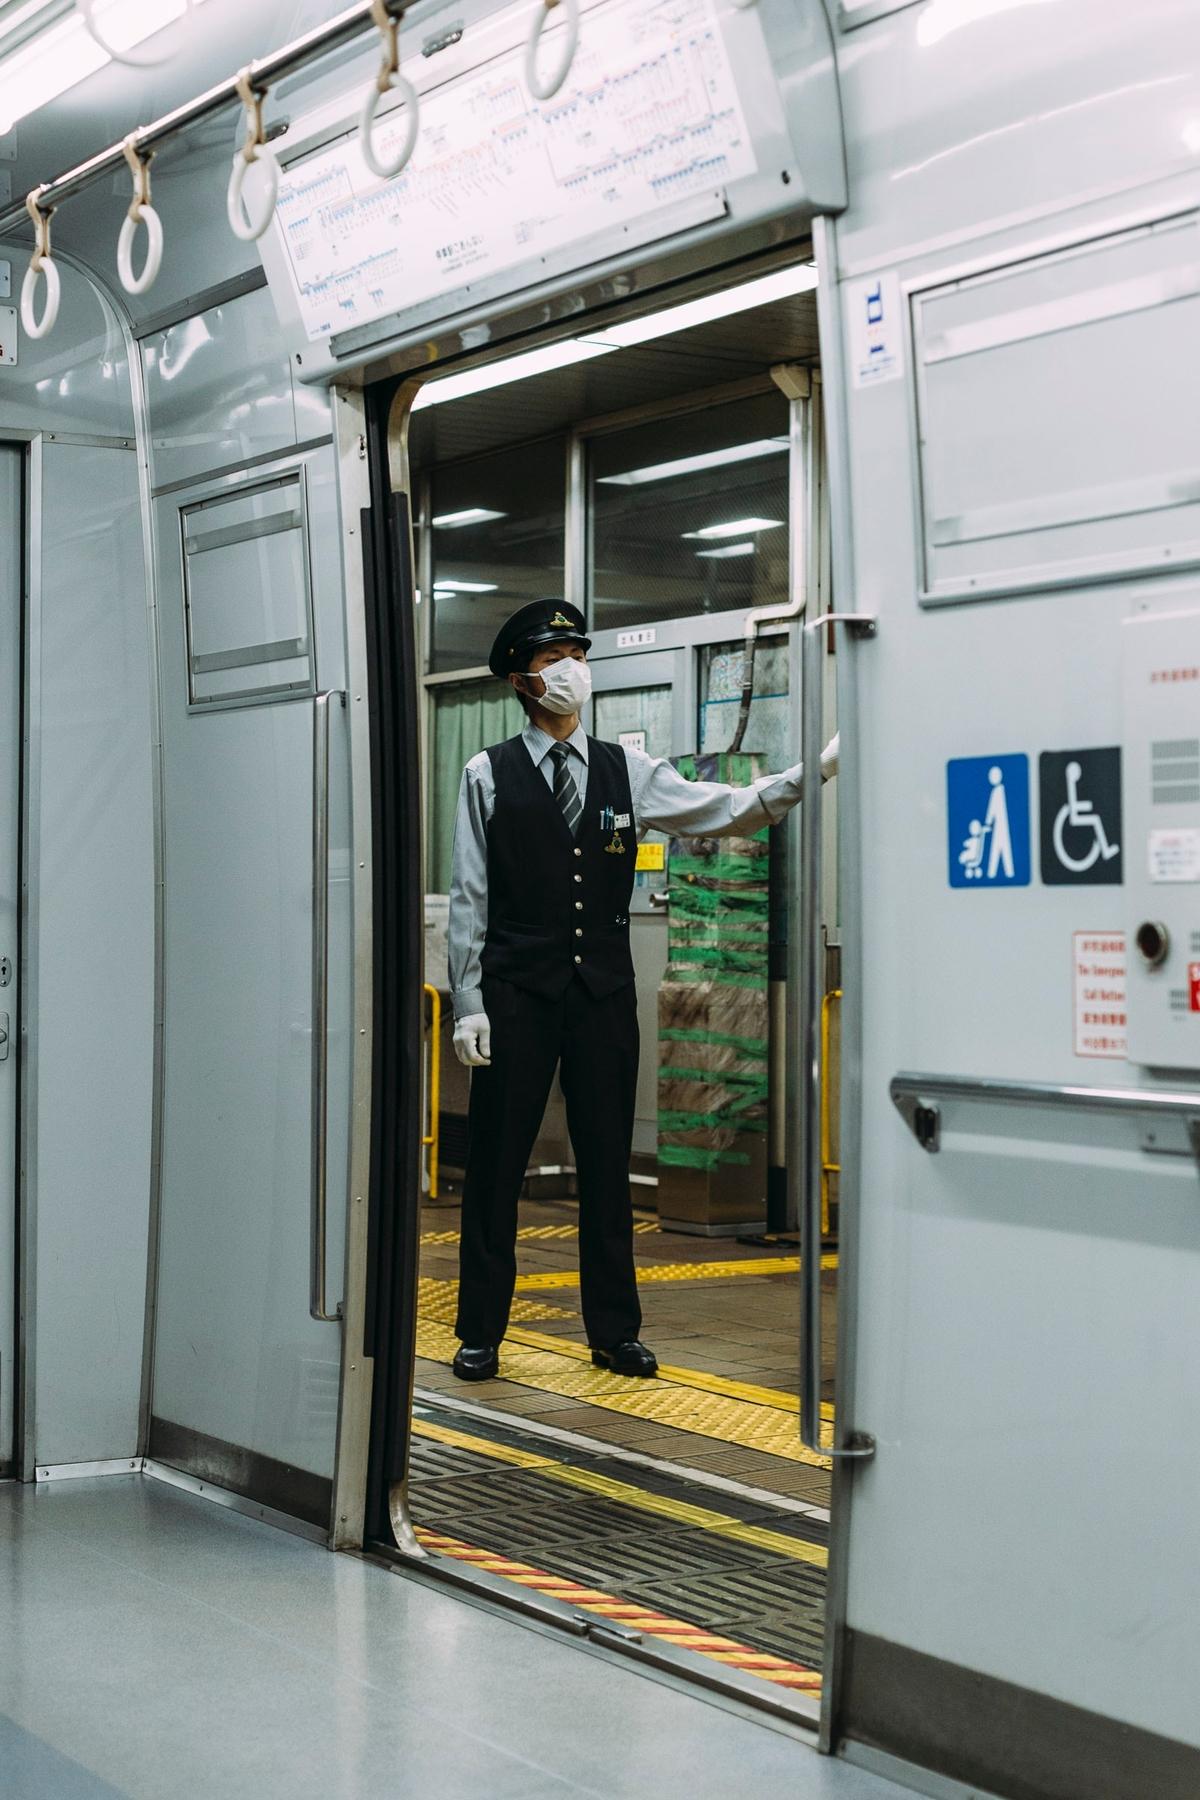 Во время пандемии сотрудники аэропорта тоже должны носить медицинские маски для безопасности